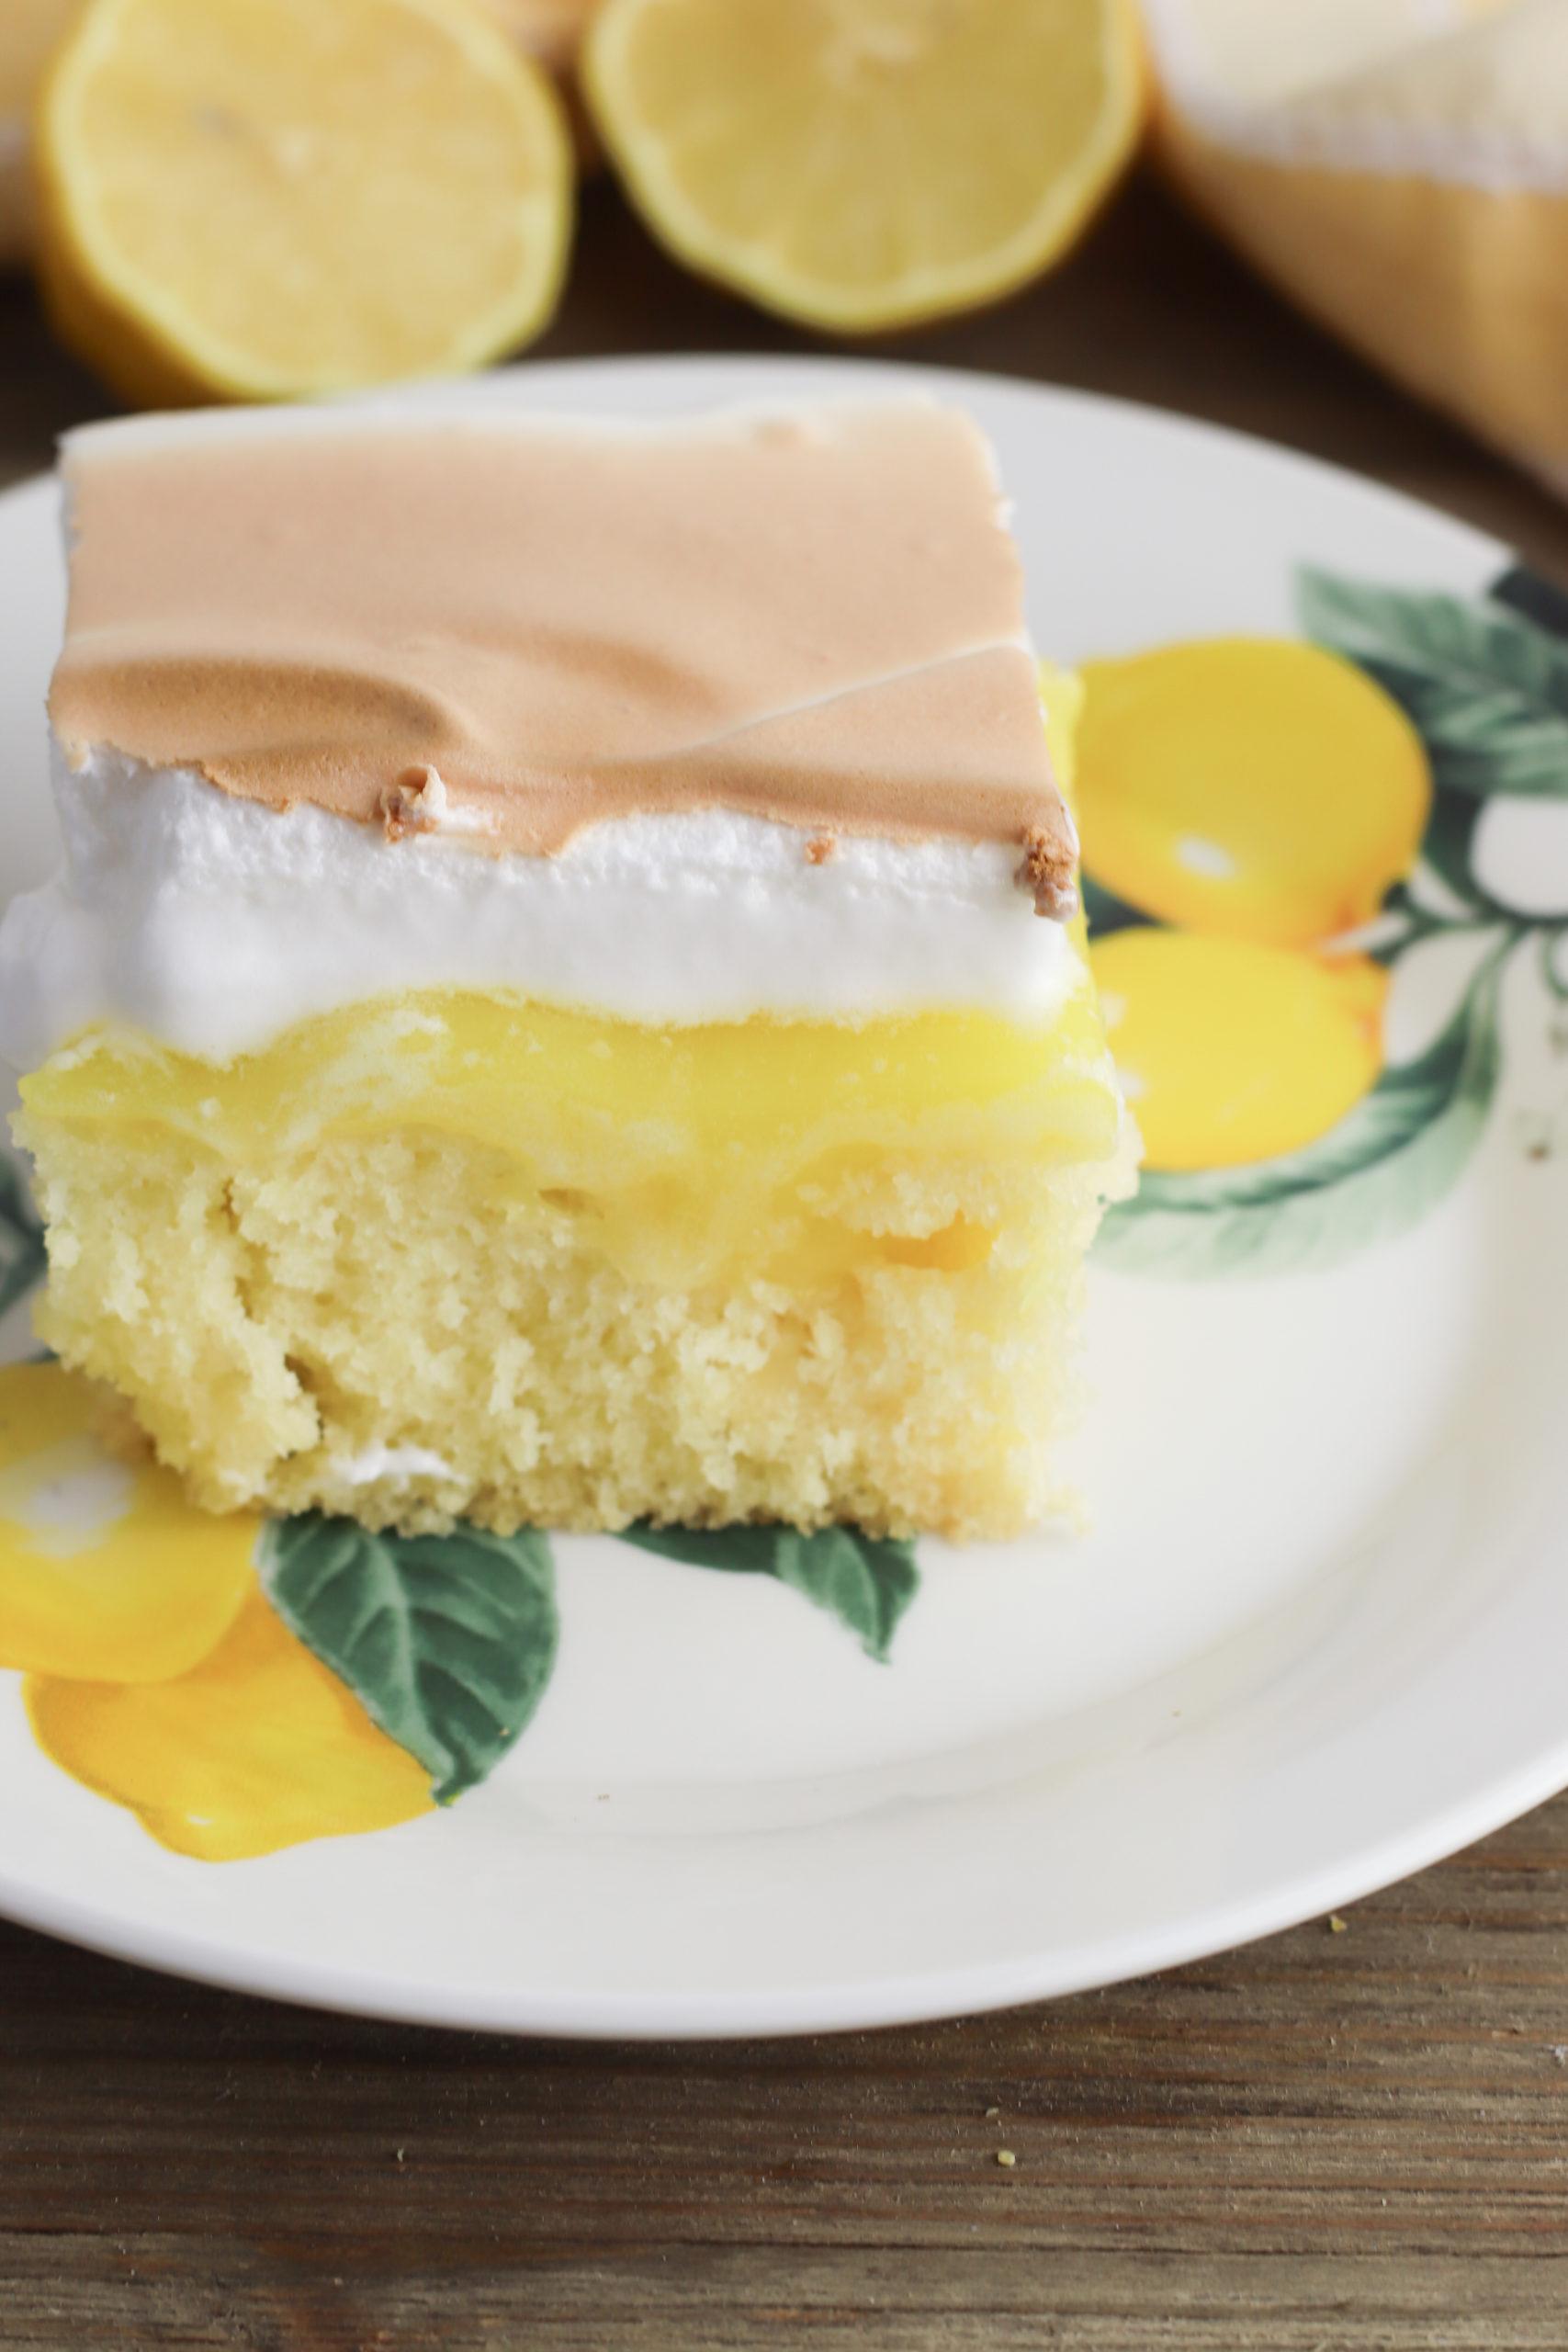 Close up on lemon cake.